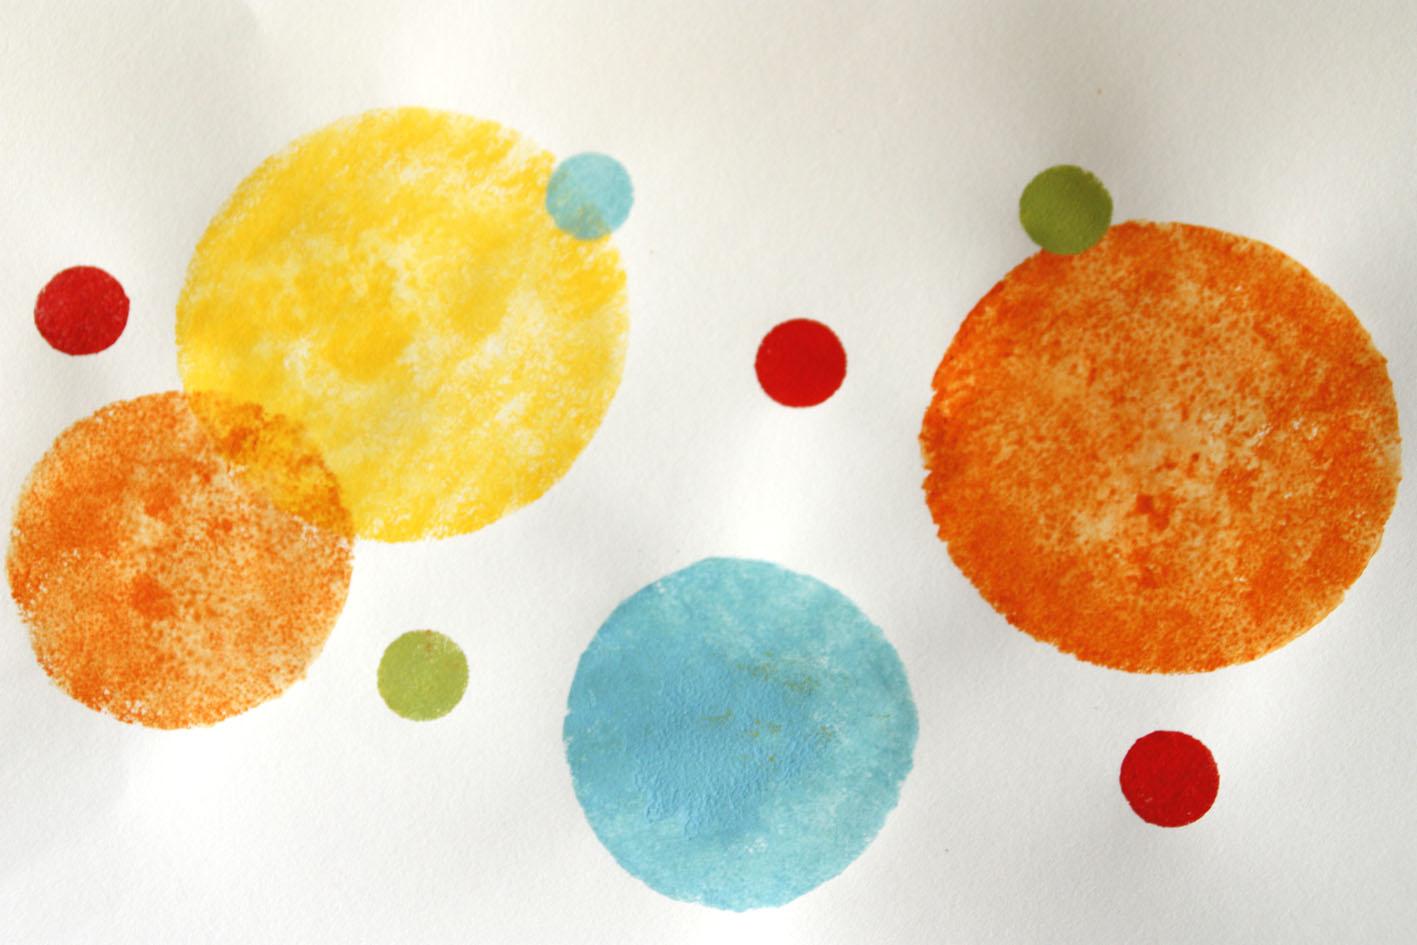 Pintalalluna pintura con esponja - Formas de pintar paredes con esponja ...